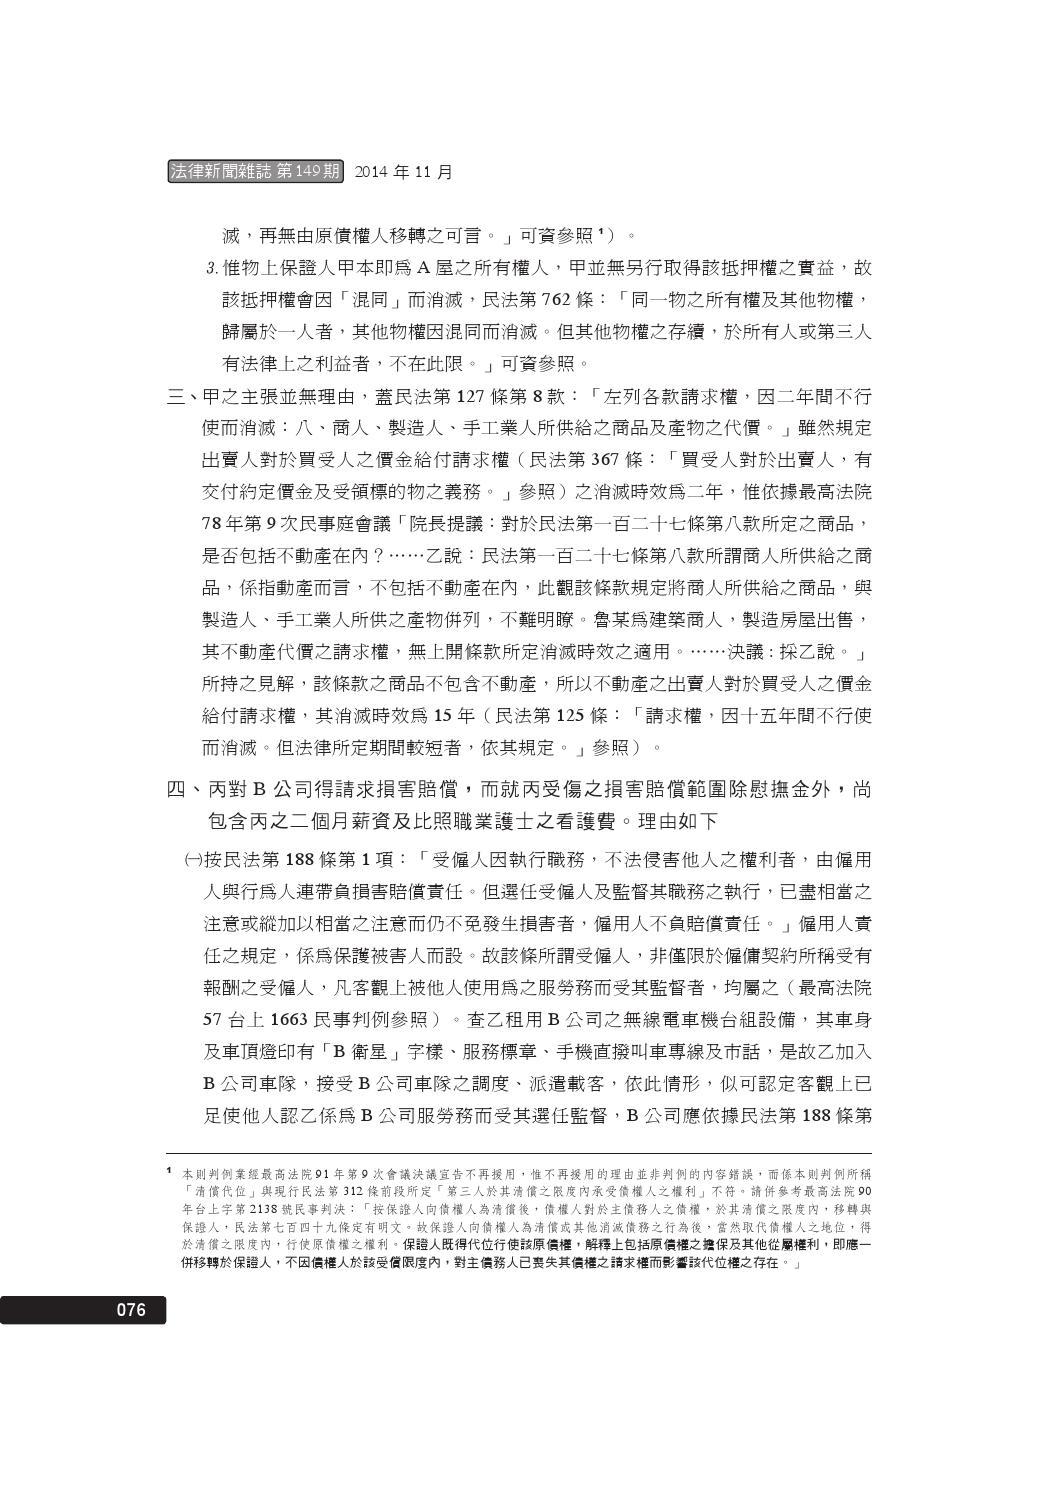 國考最新申論題之解析-民法 by 國考專門店 - Issuu